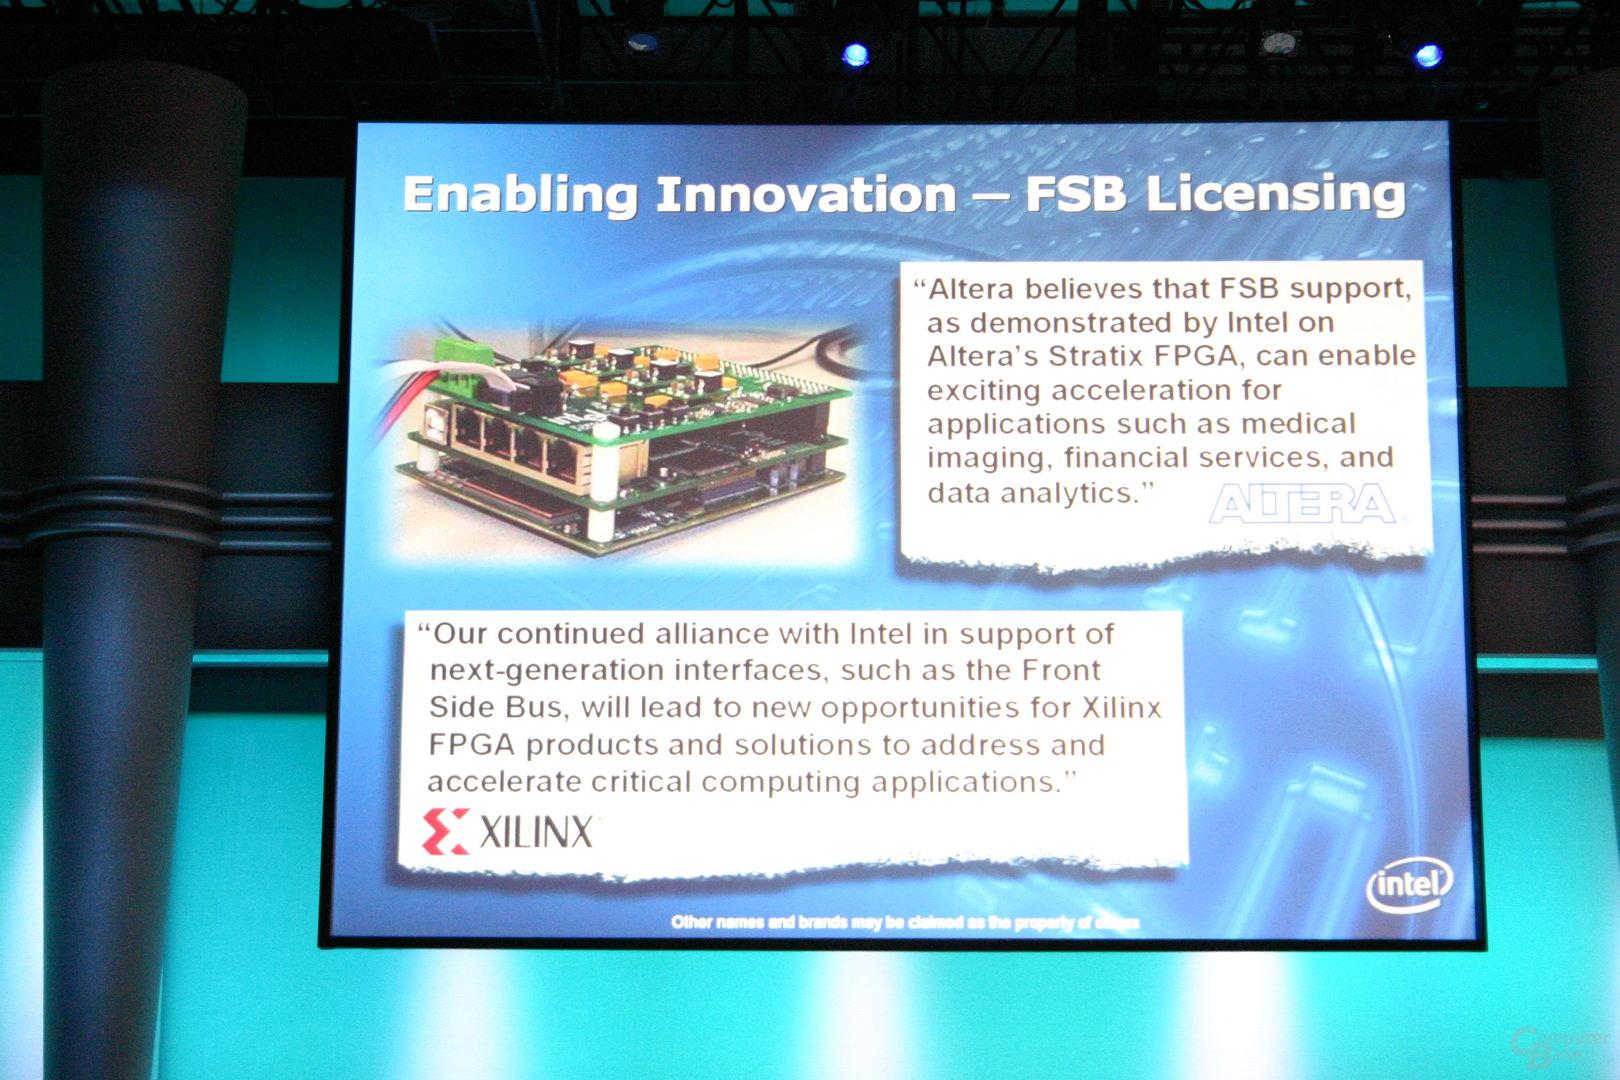 Intel gibt Prozessor-Frontside-Bus für FPGAs